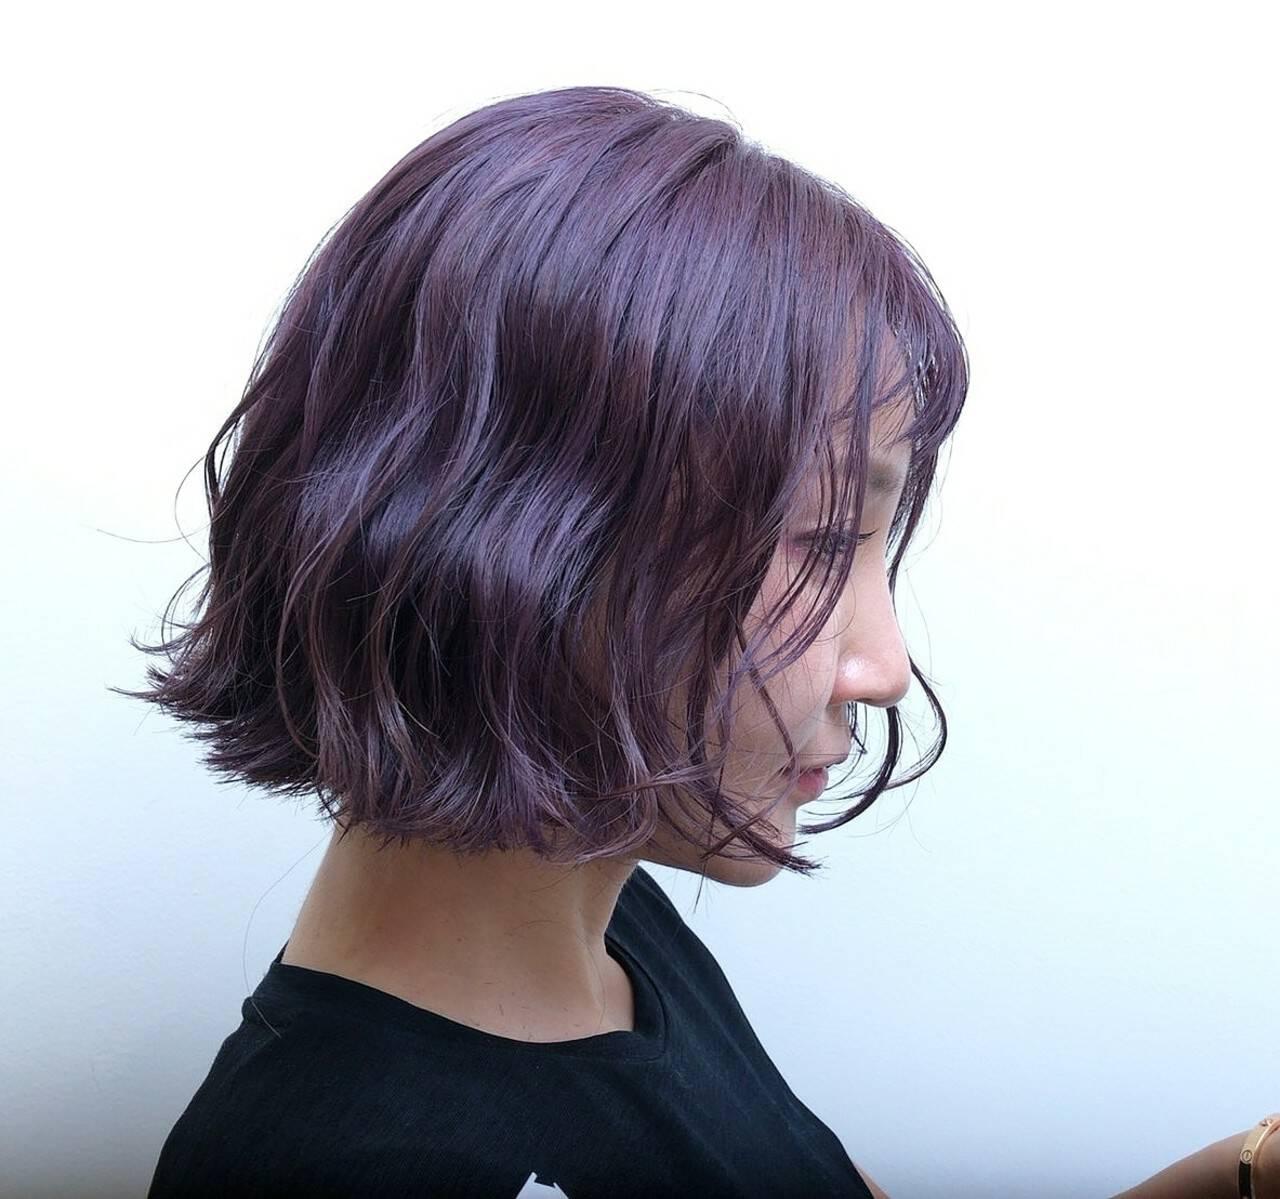 ストリート ボブ パープル ラベンダーアッシュヘアスタイルや髪型の写真・画像